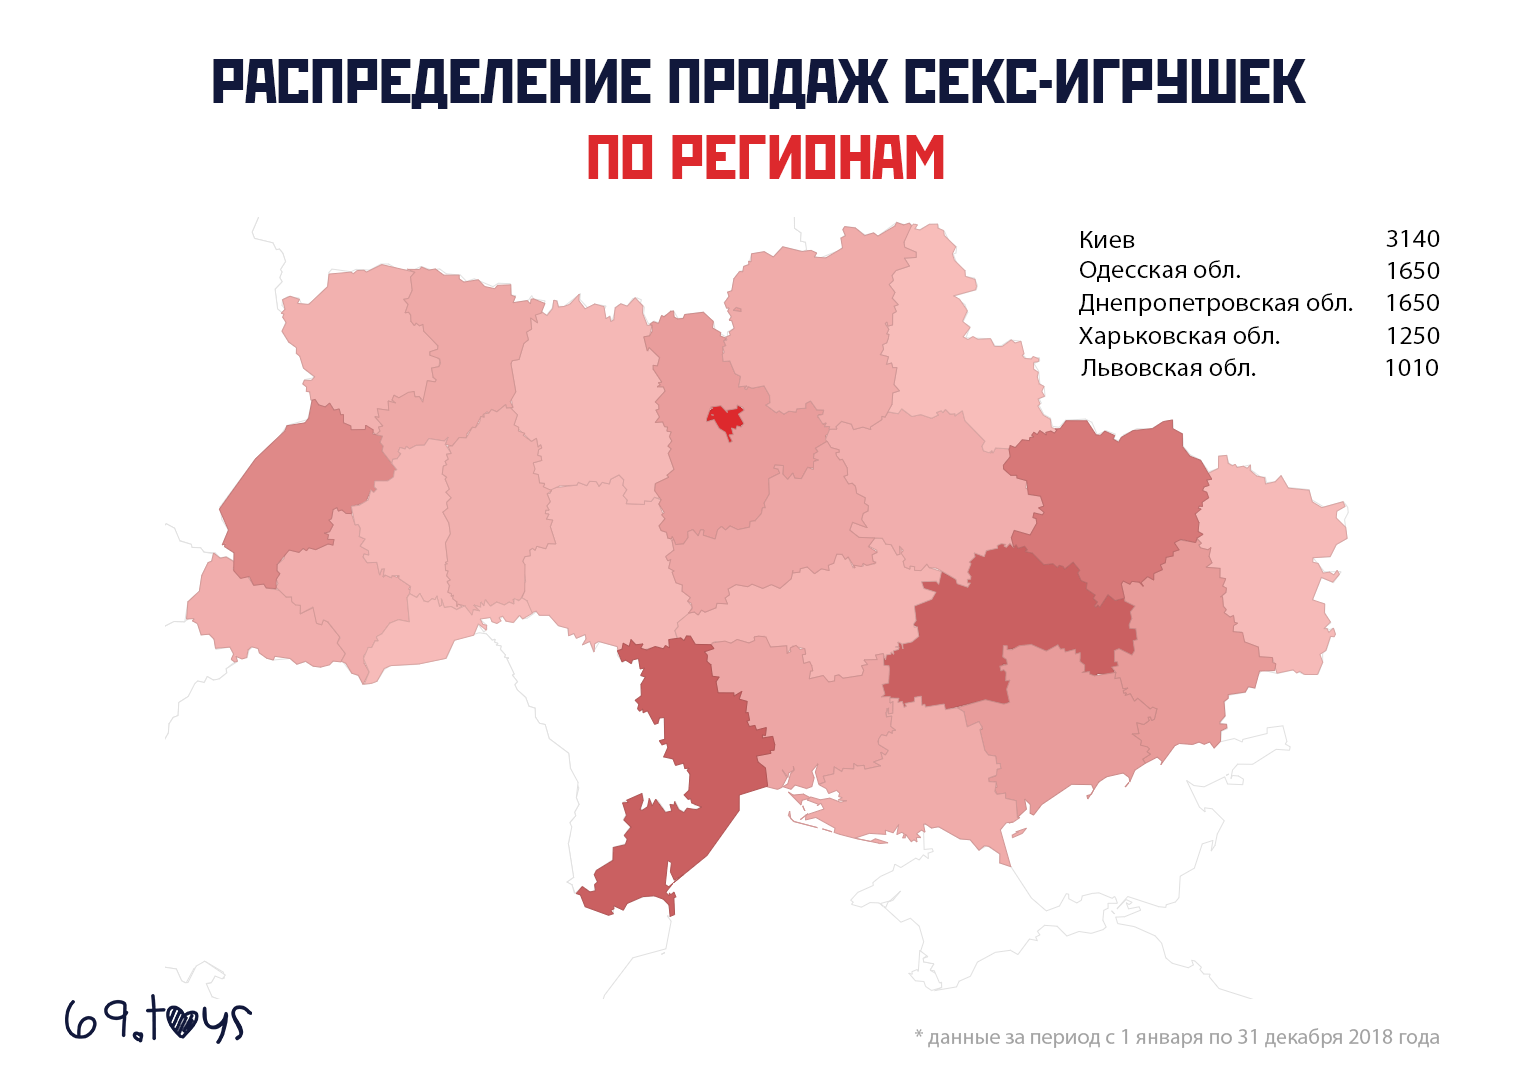 Распределение продаж секс-игрушек по регионам